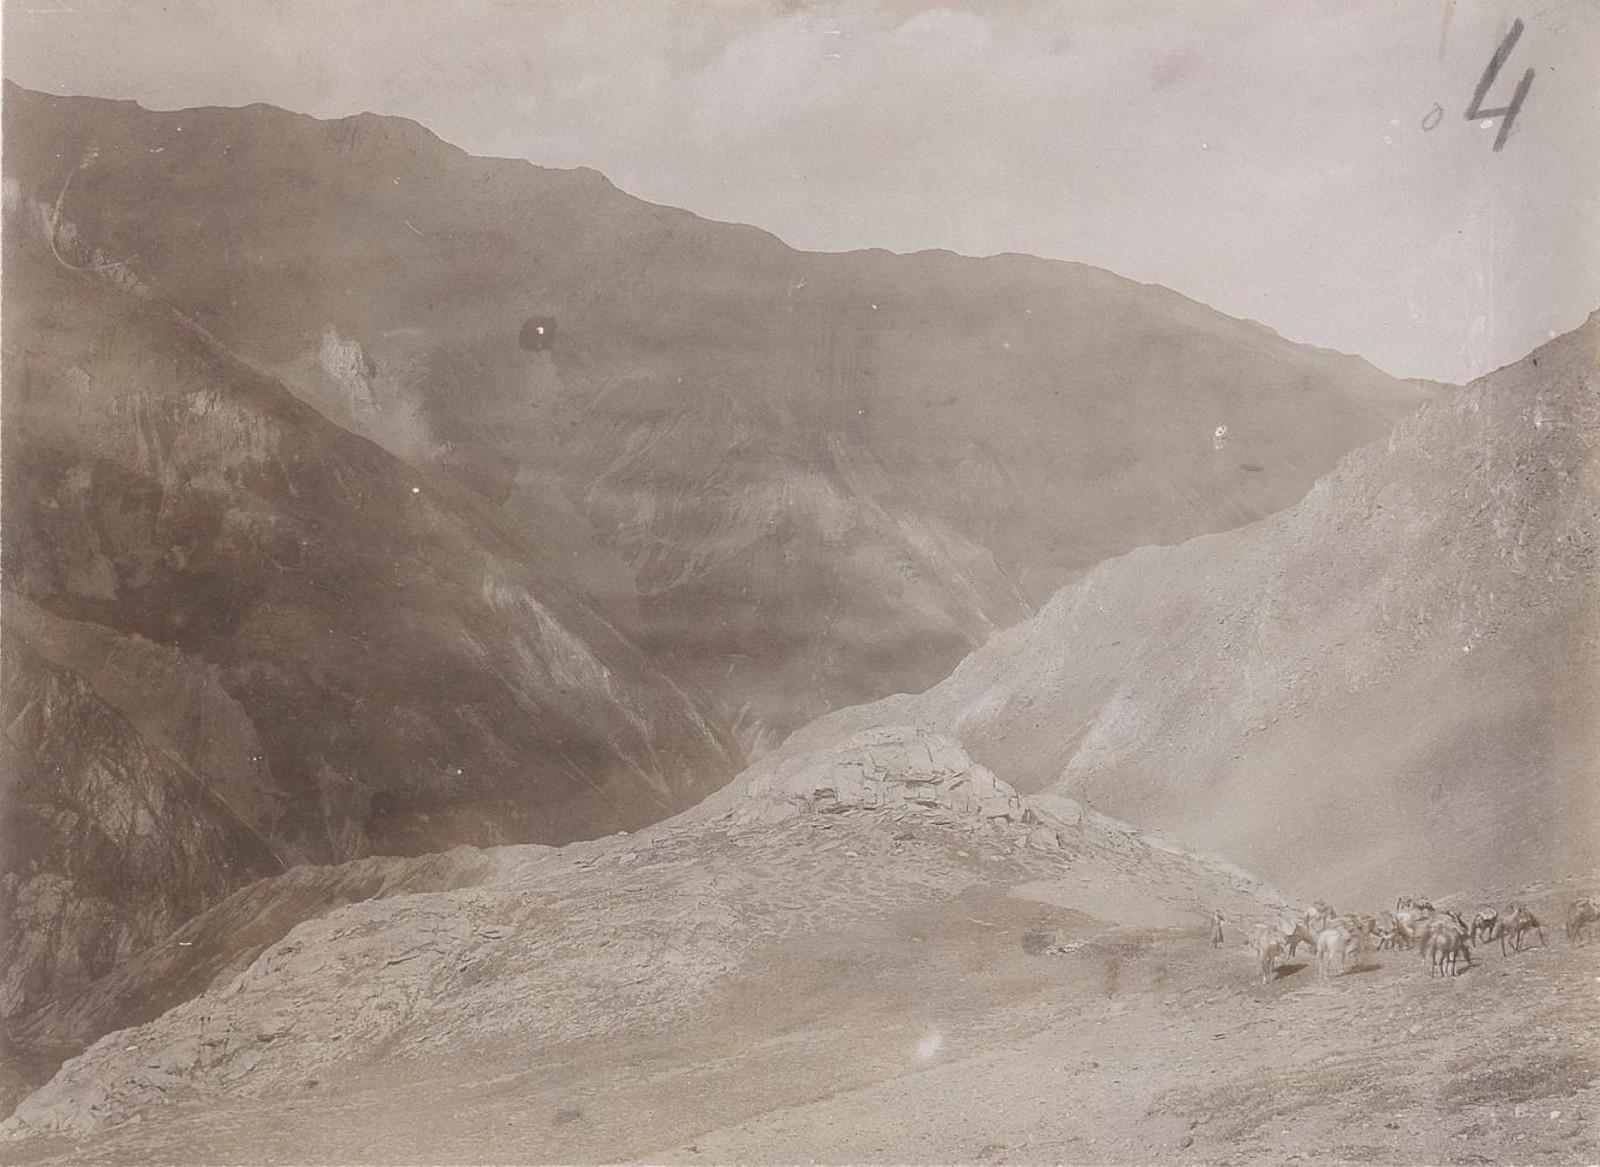 05. Восточный Кавказ. В верховьях долины реки Аргун, поднимаясь к перевалу Качулам